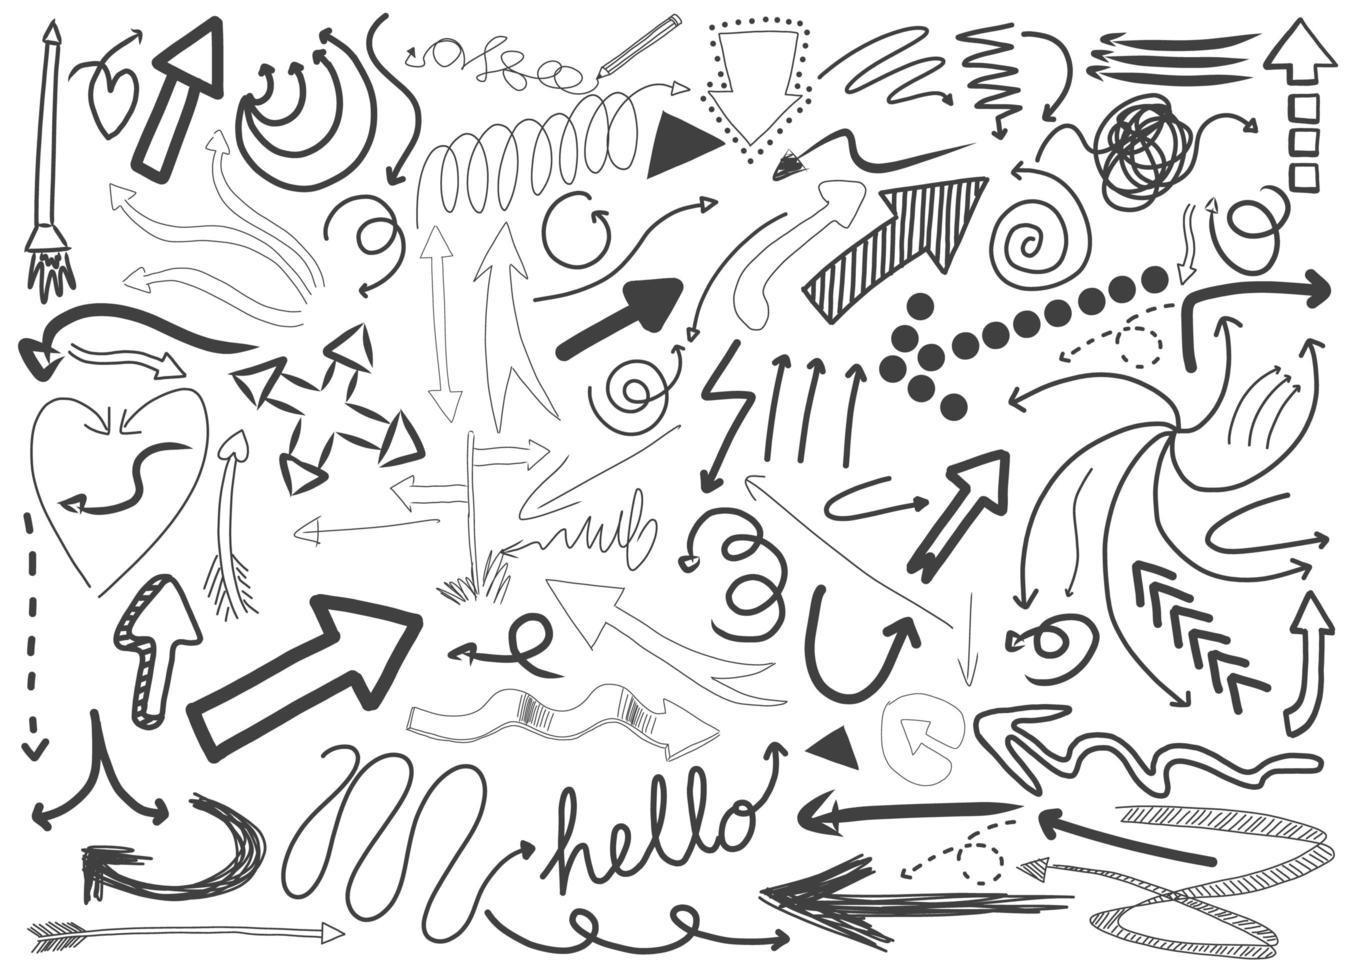 verschillende doodle slagen geïsoleerd op een witte achtergrond vector